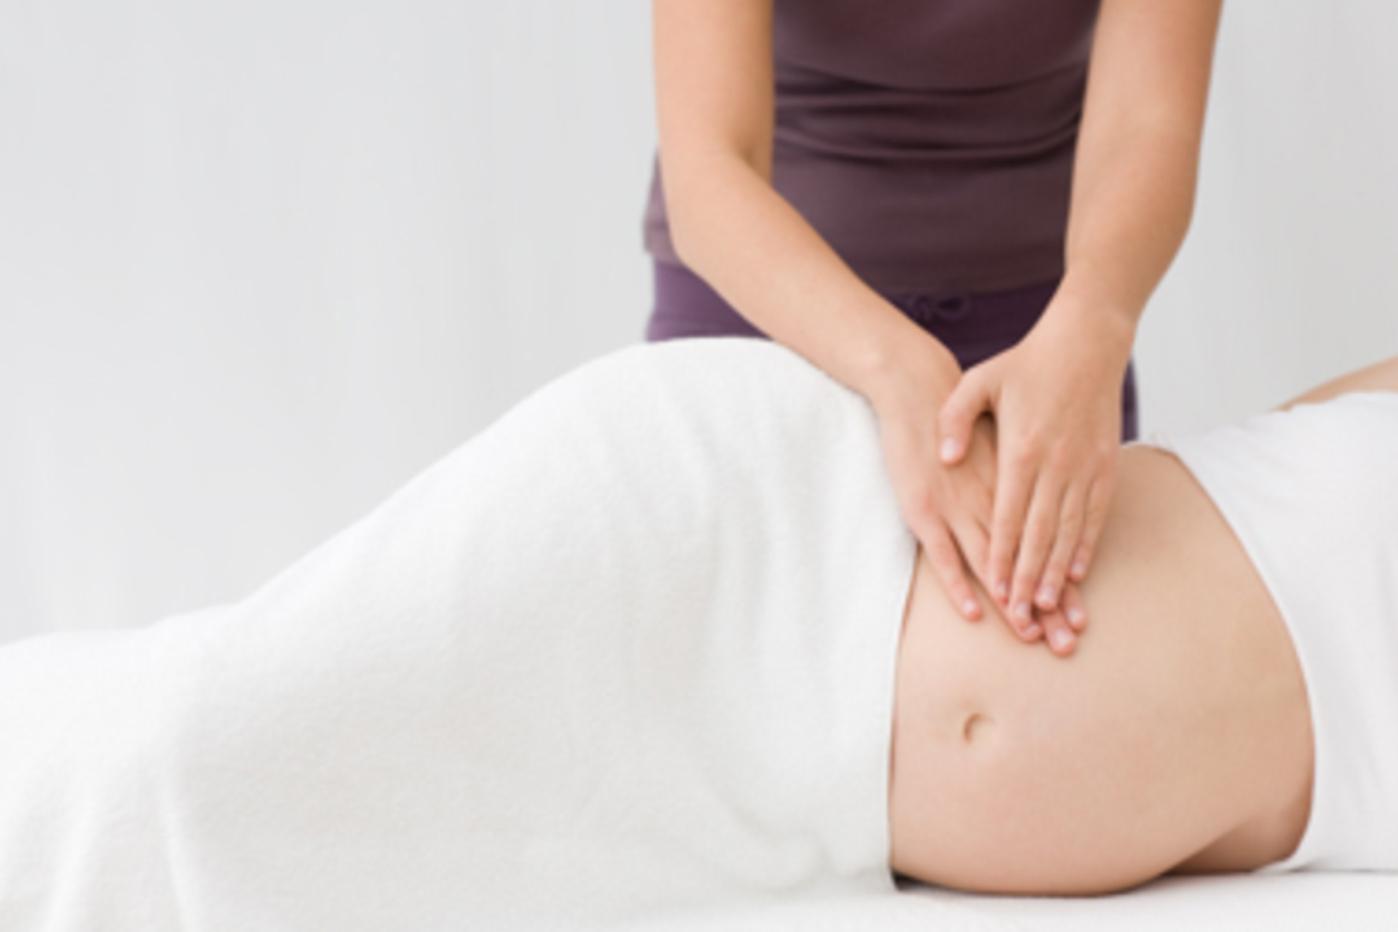 Bí quyết khắc phục tình trạng bầu 3 tháng bị đau lưng